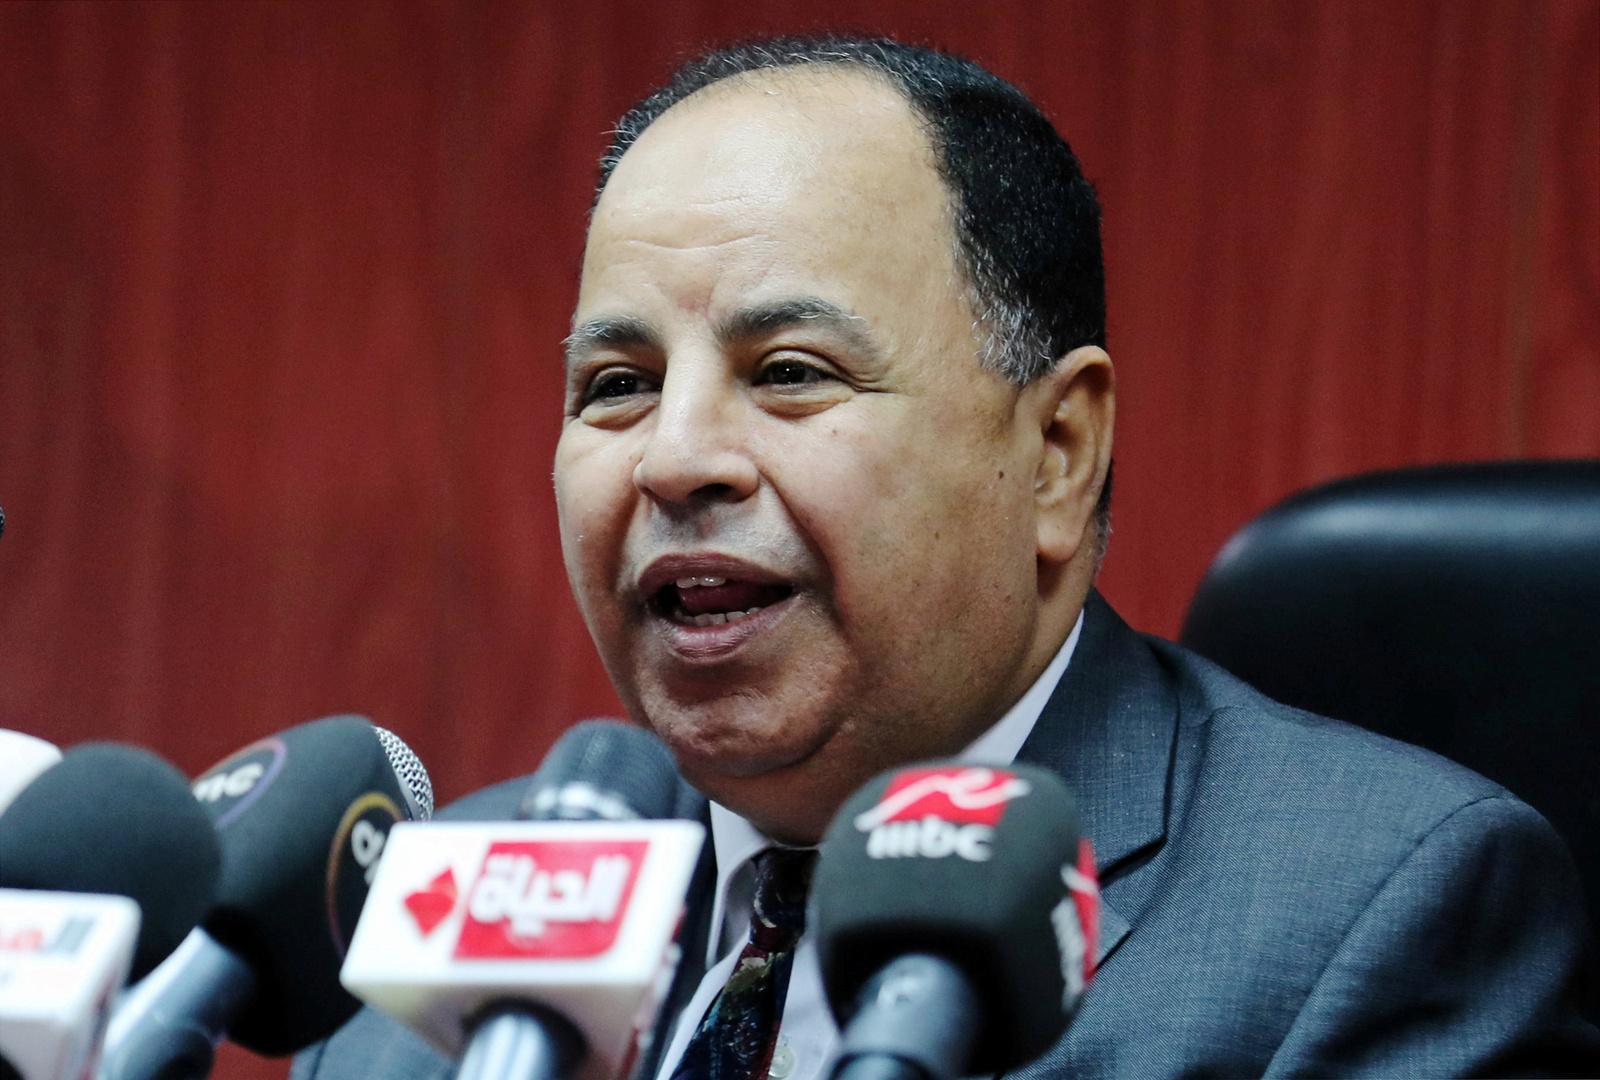 مصر: جاهزون لكل ما يطلبه أشقاؤنا في السودان